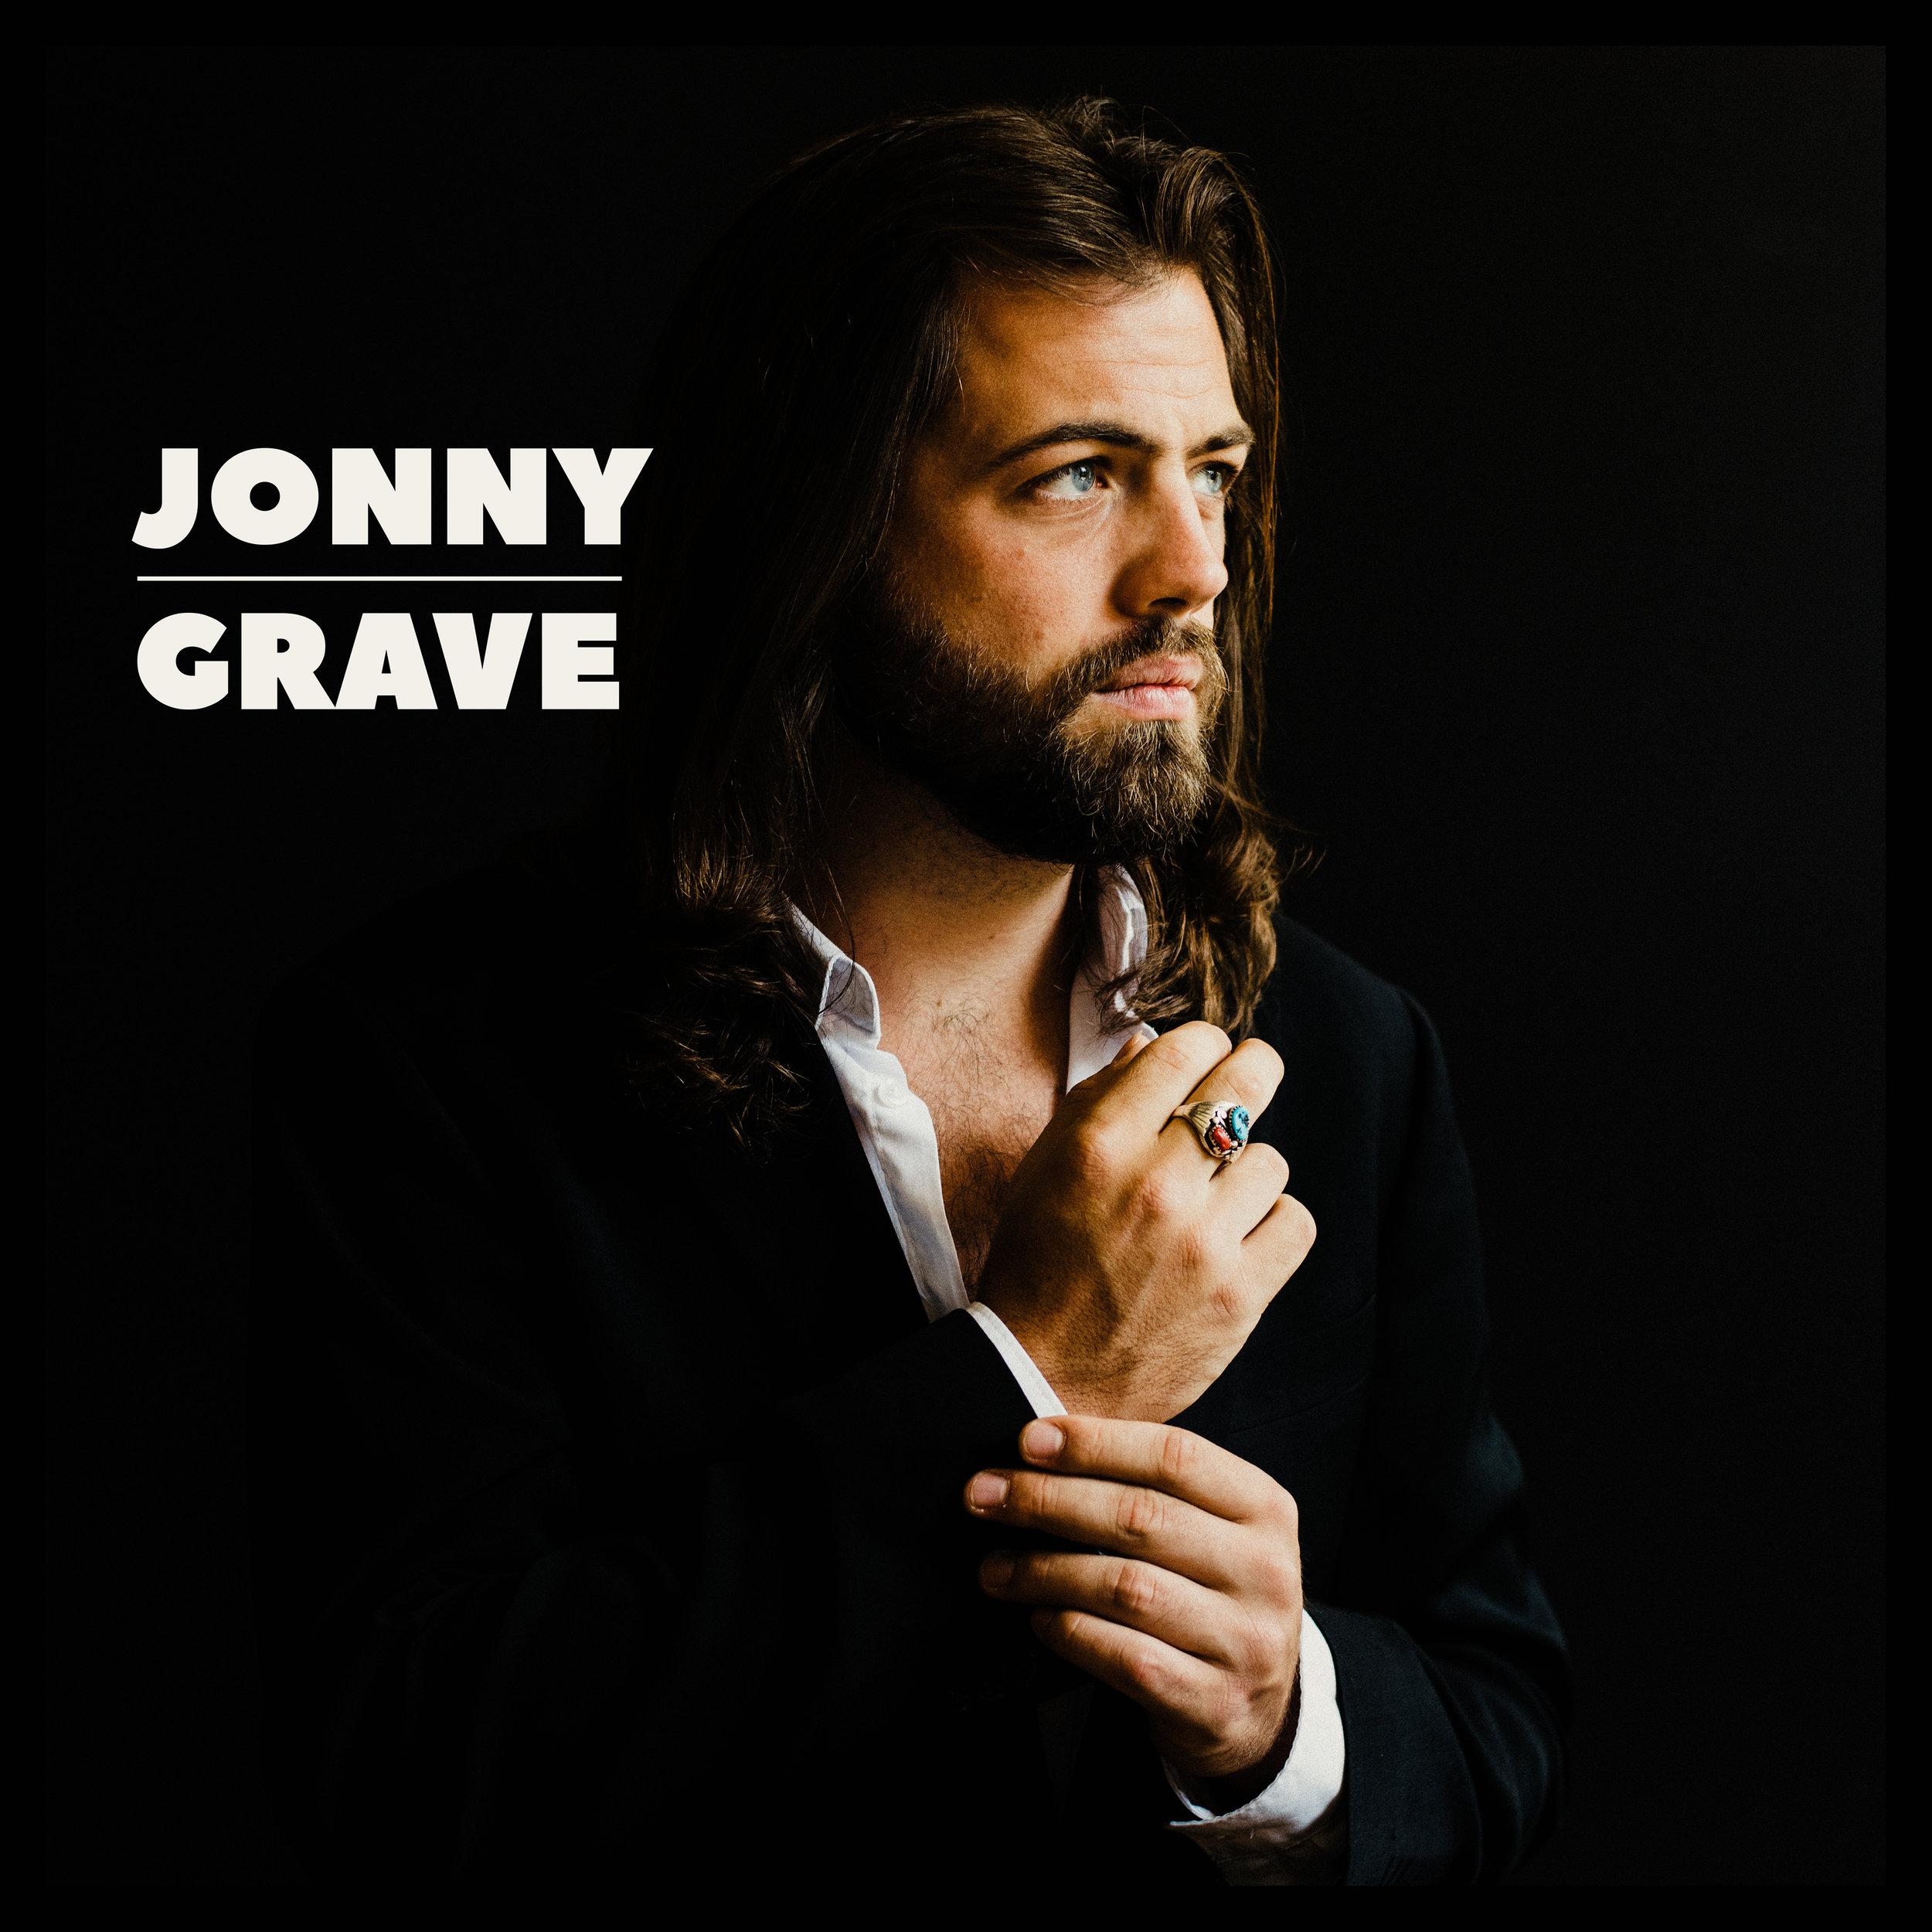 Jonny-Grave-24-010318.jpg